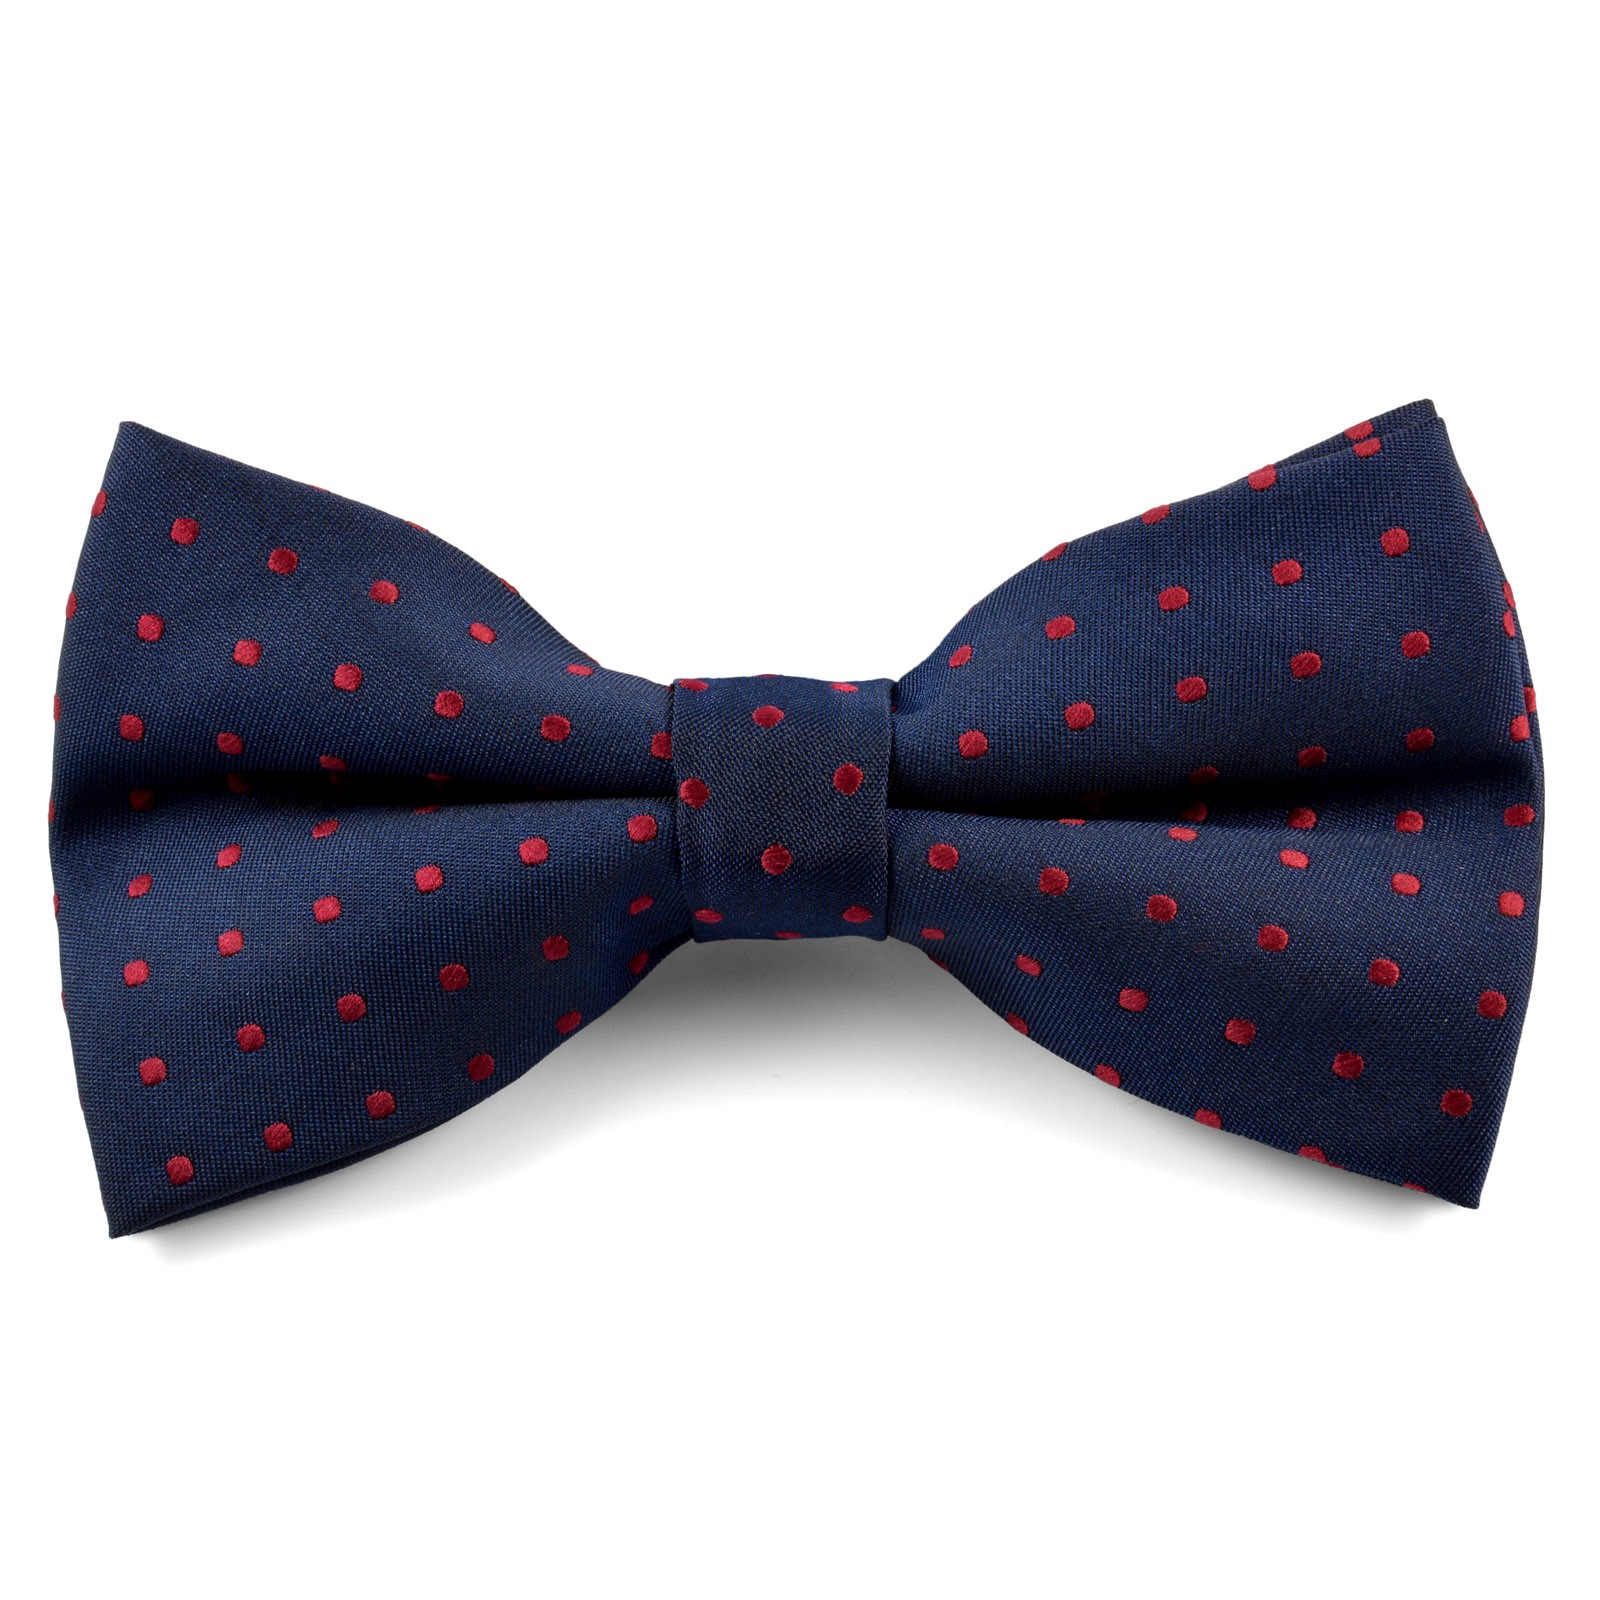 pajarita-color-burdeos-y-azul-marino-trendhim-31-1